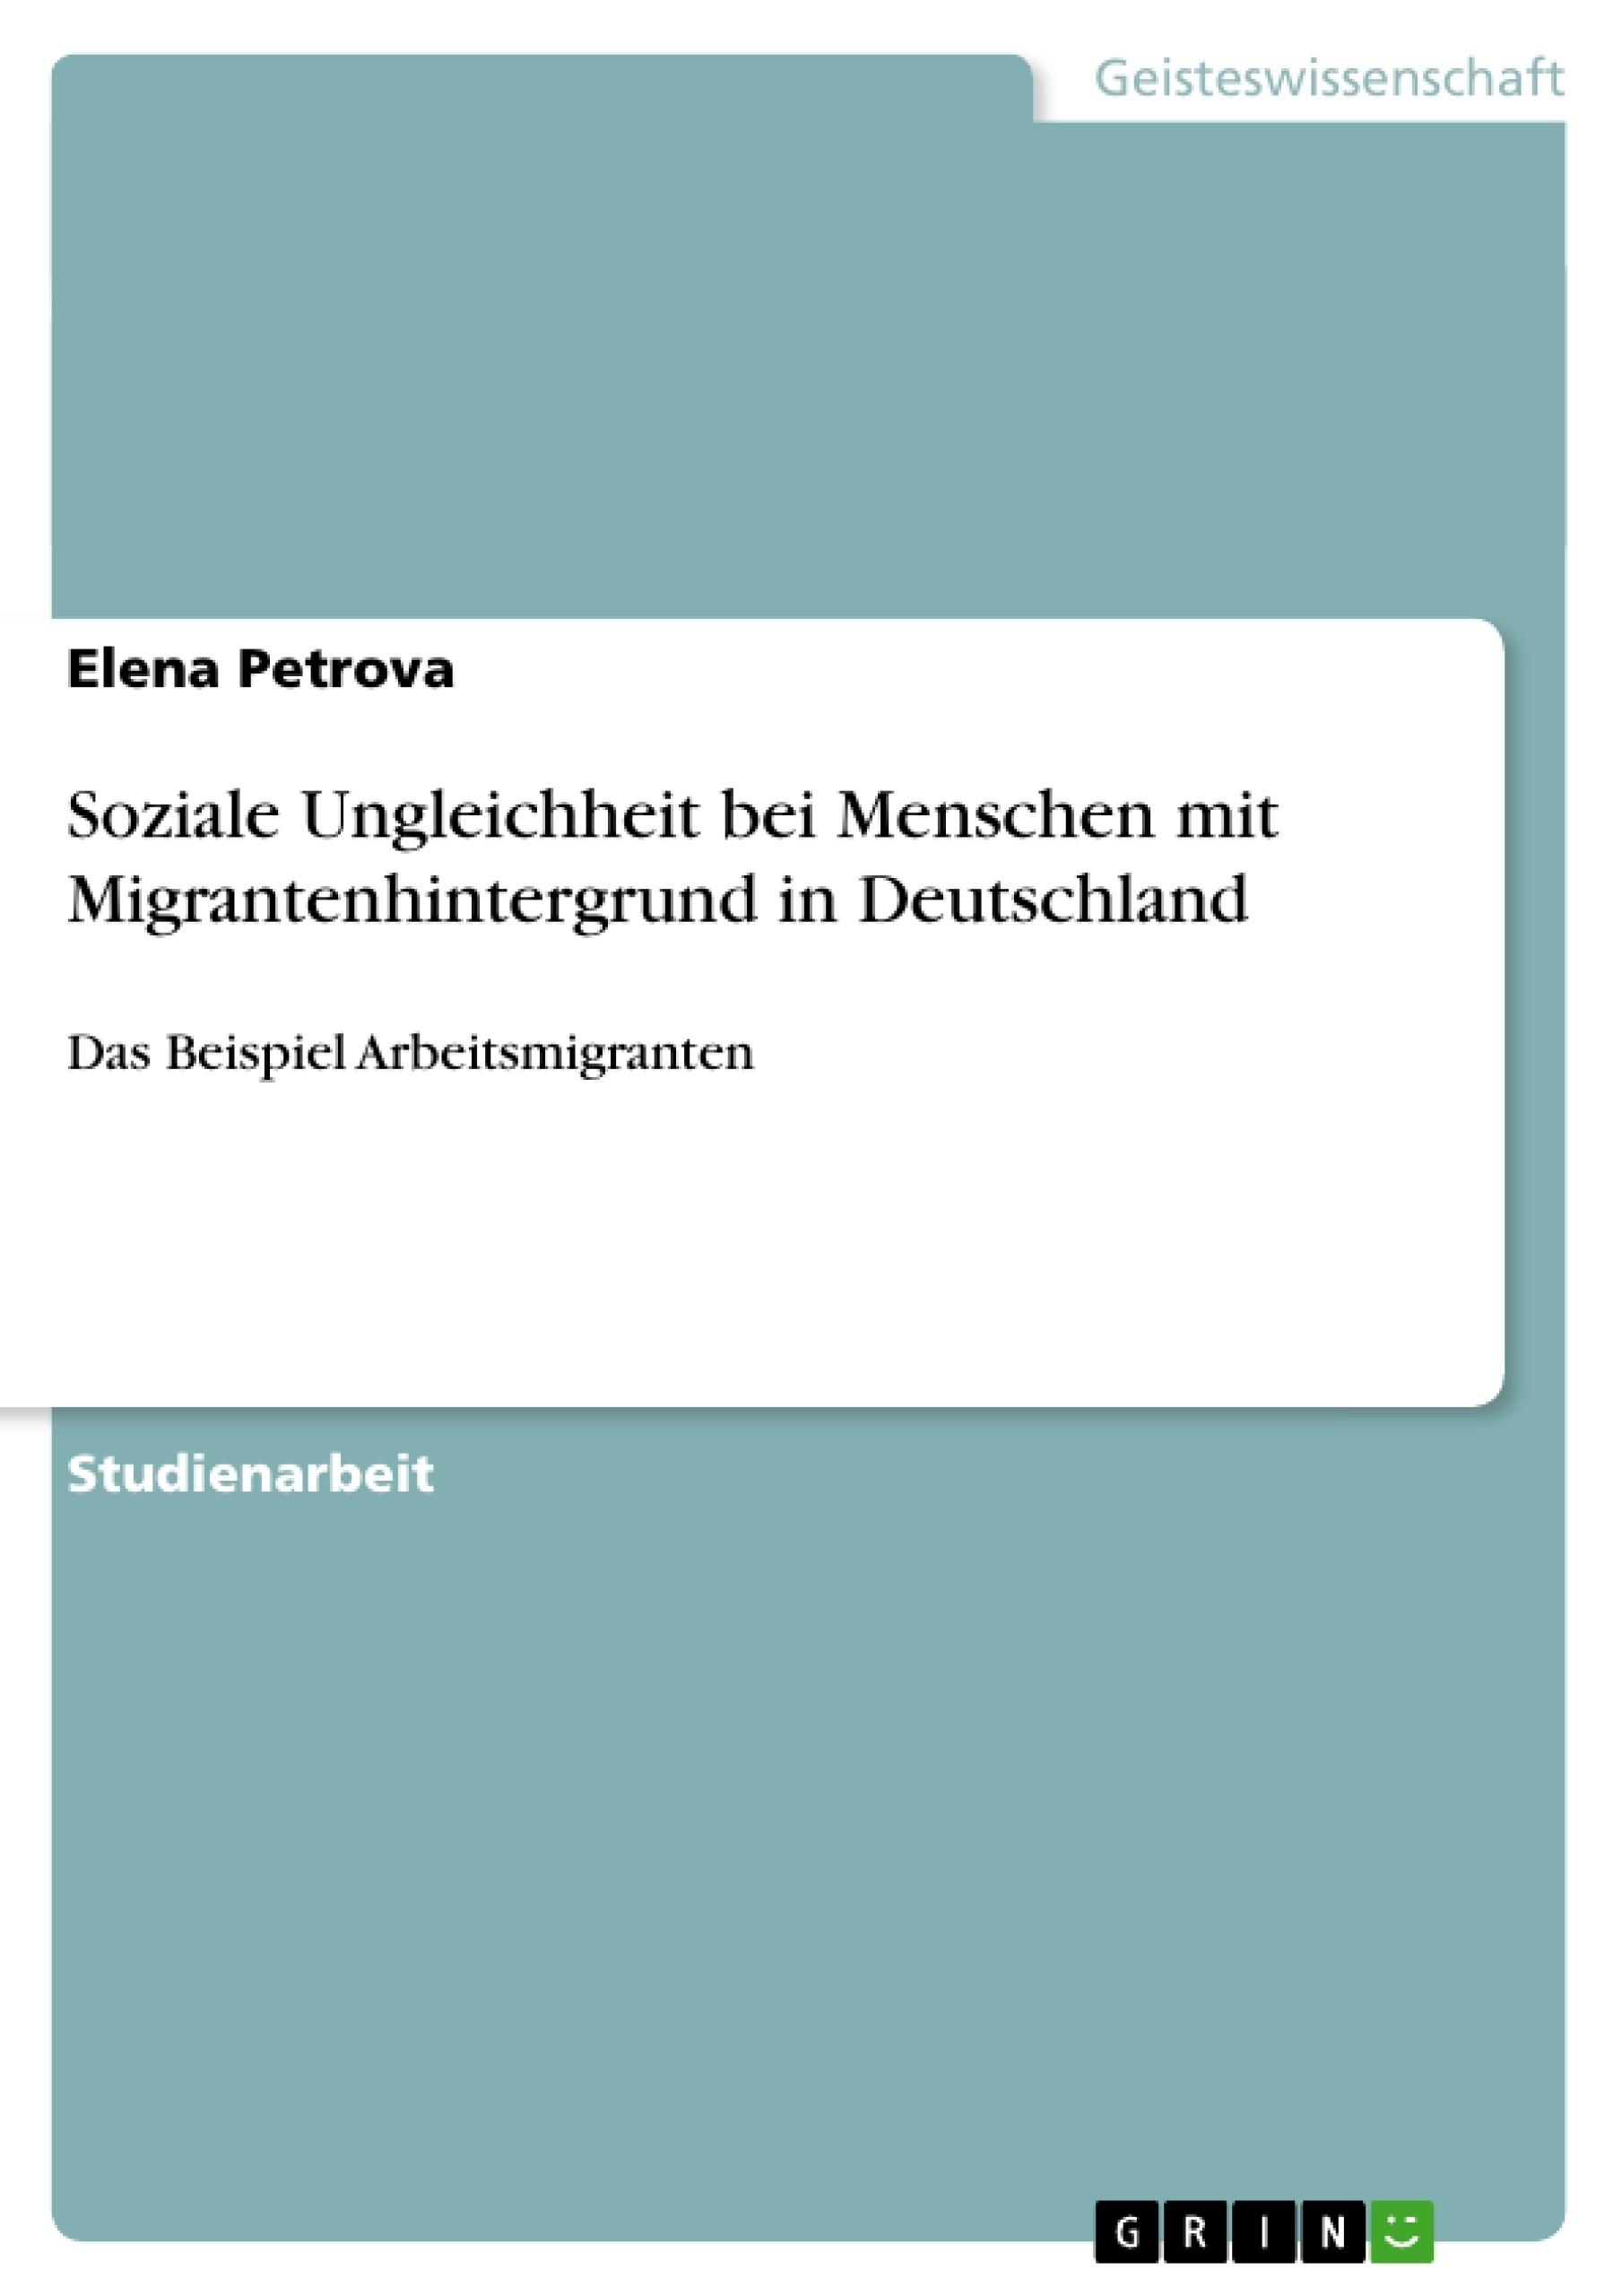 Titel: Soziale Ungleichheit bei Menschen mit Migrantenhintergrund in Deutschland